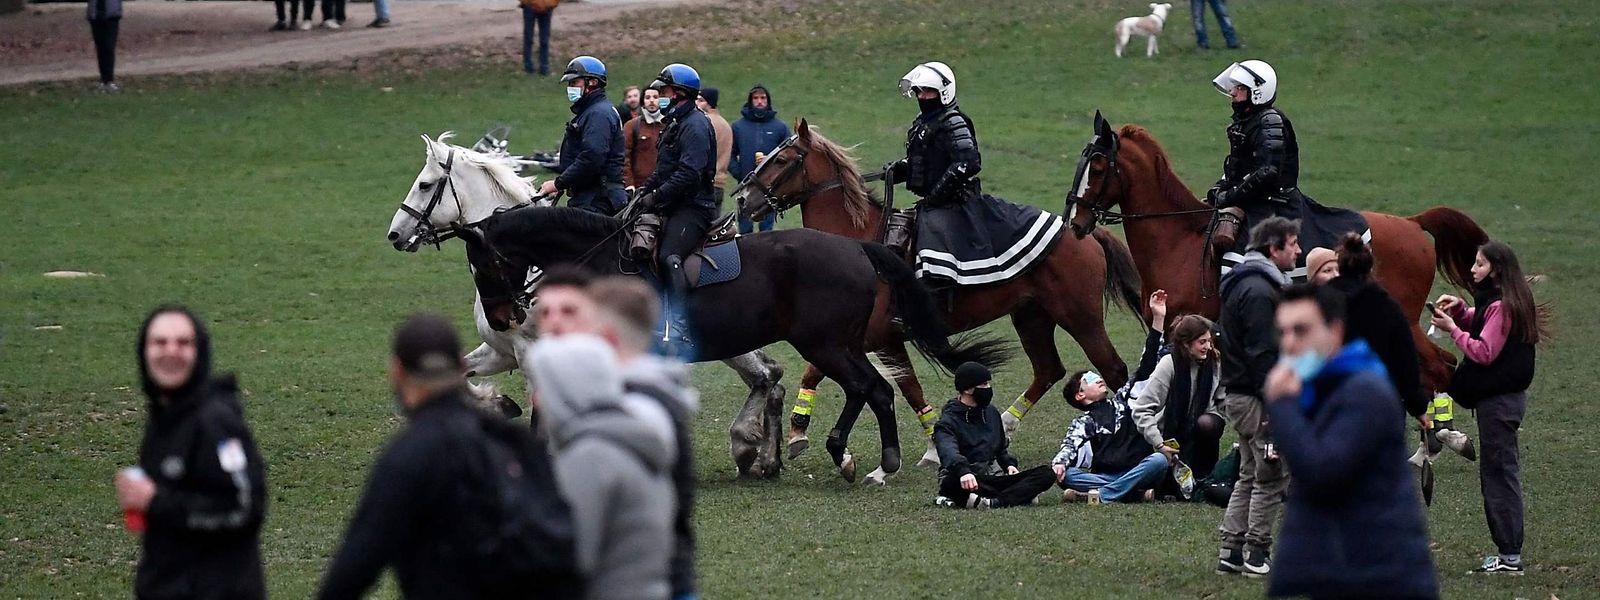 Les récents affrontements à Bruxelles, au bois de la Cambre, ont marqué un pas dans le refus des règles sanitaires.